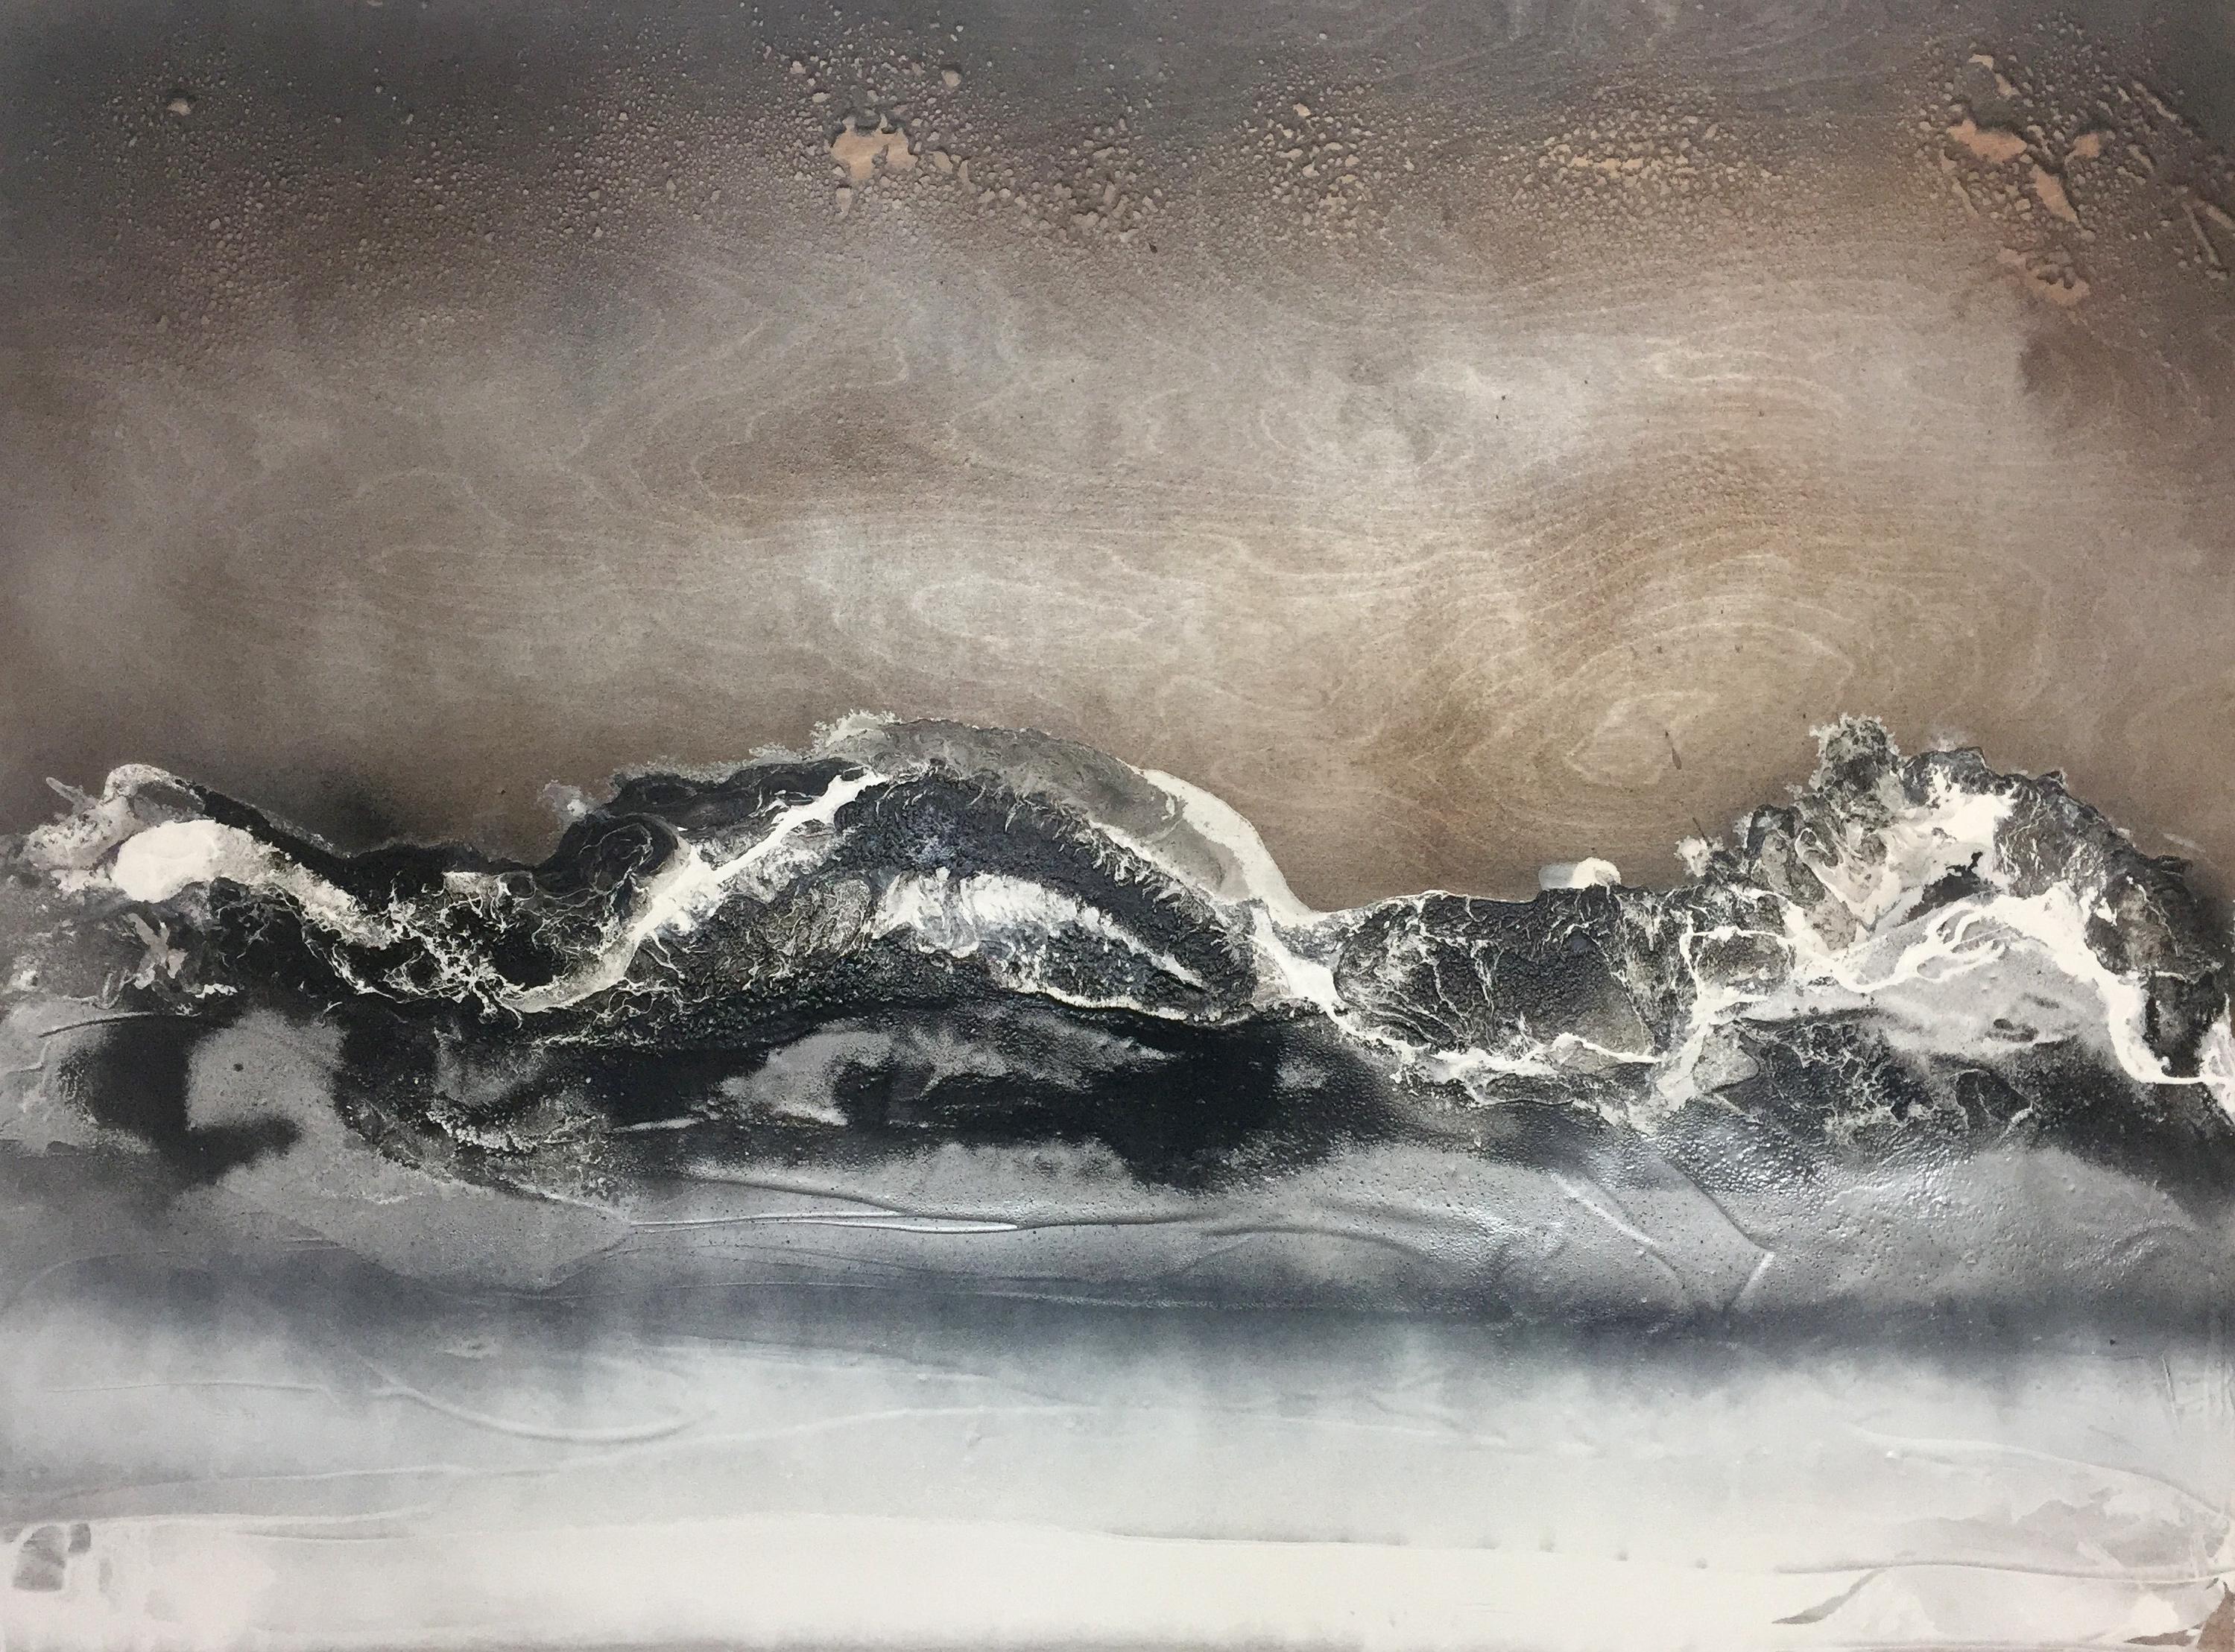 Unpredictable waves #2